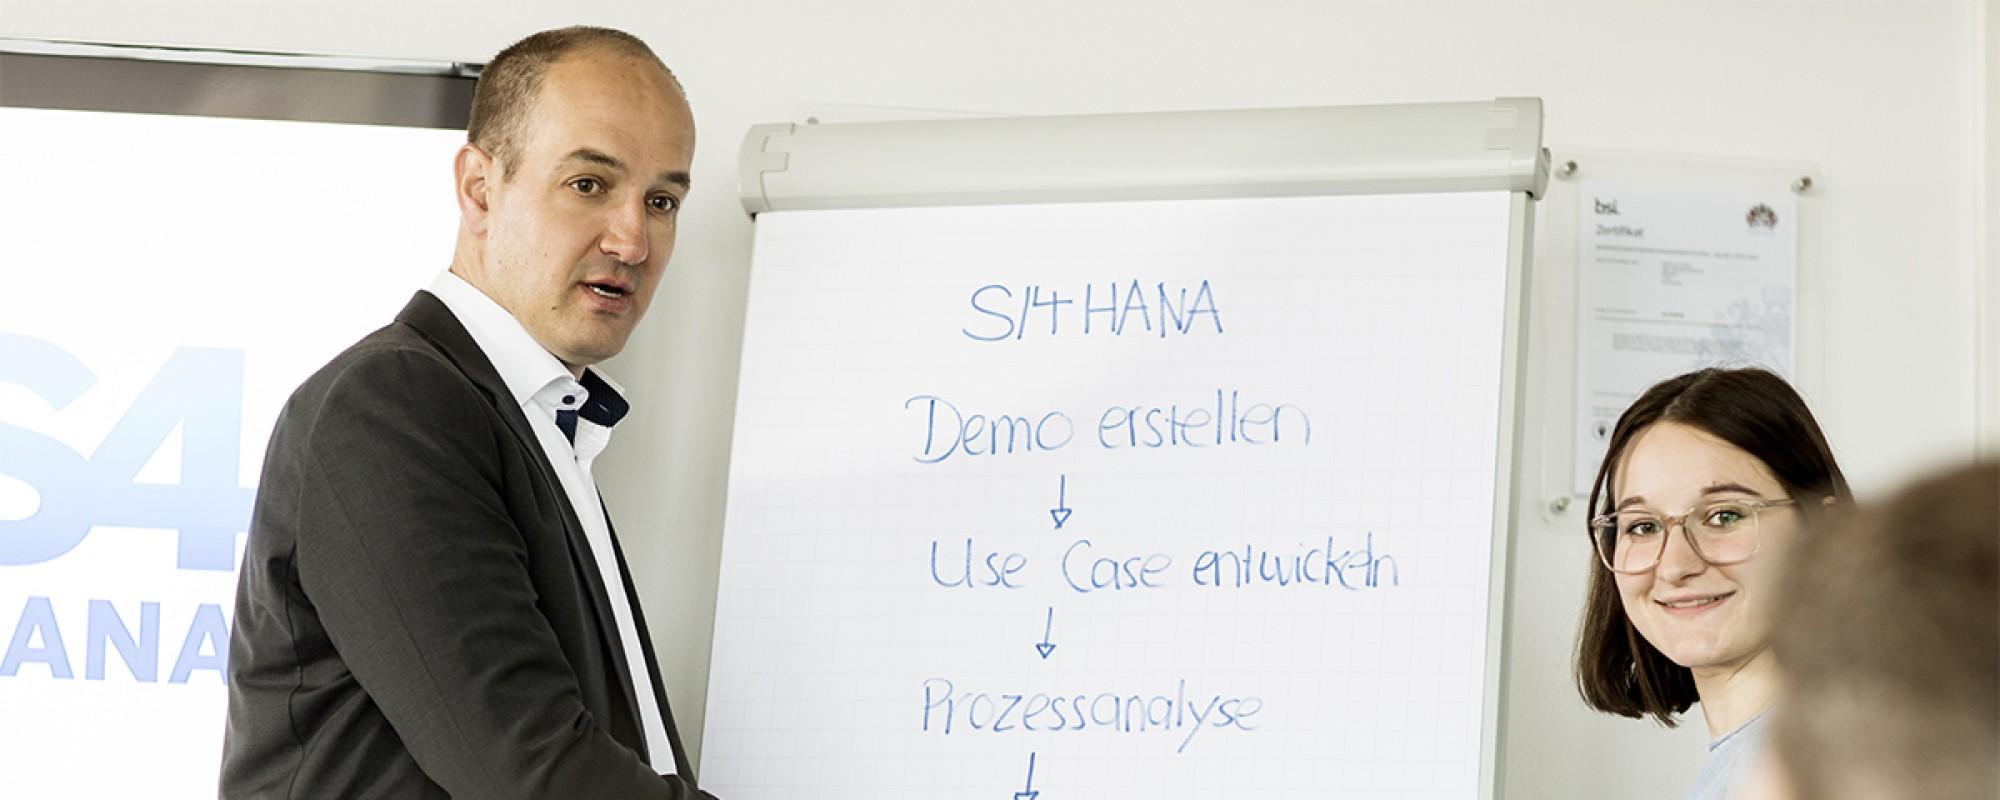 Ein Mann und eine Frau stehen vor einem Whiteboard und halten eine Präsentation über das Thema S/4HANA.